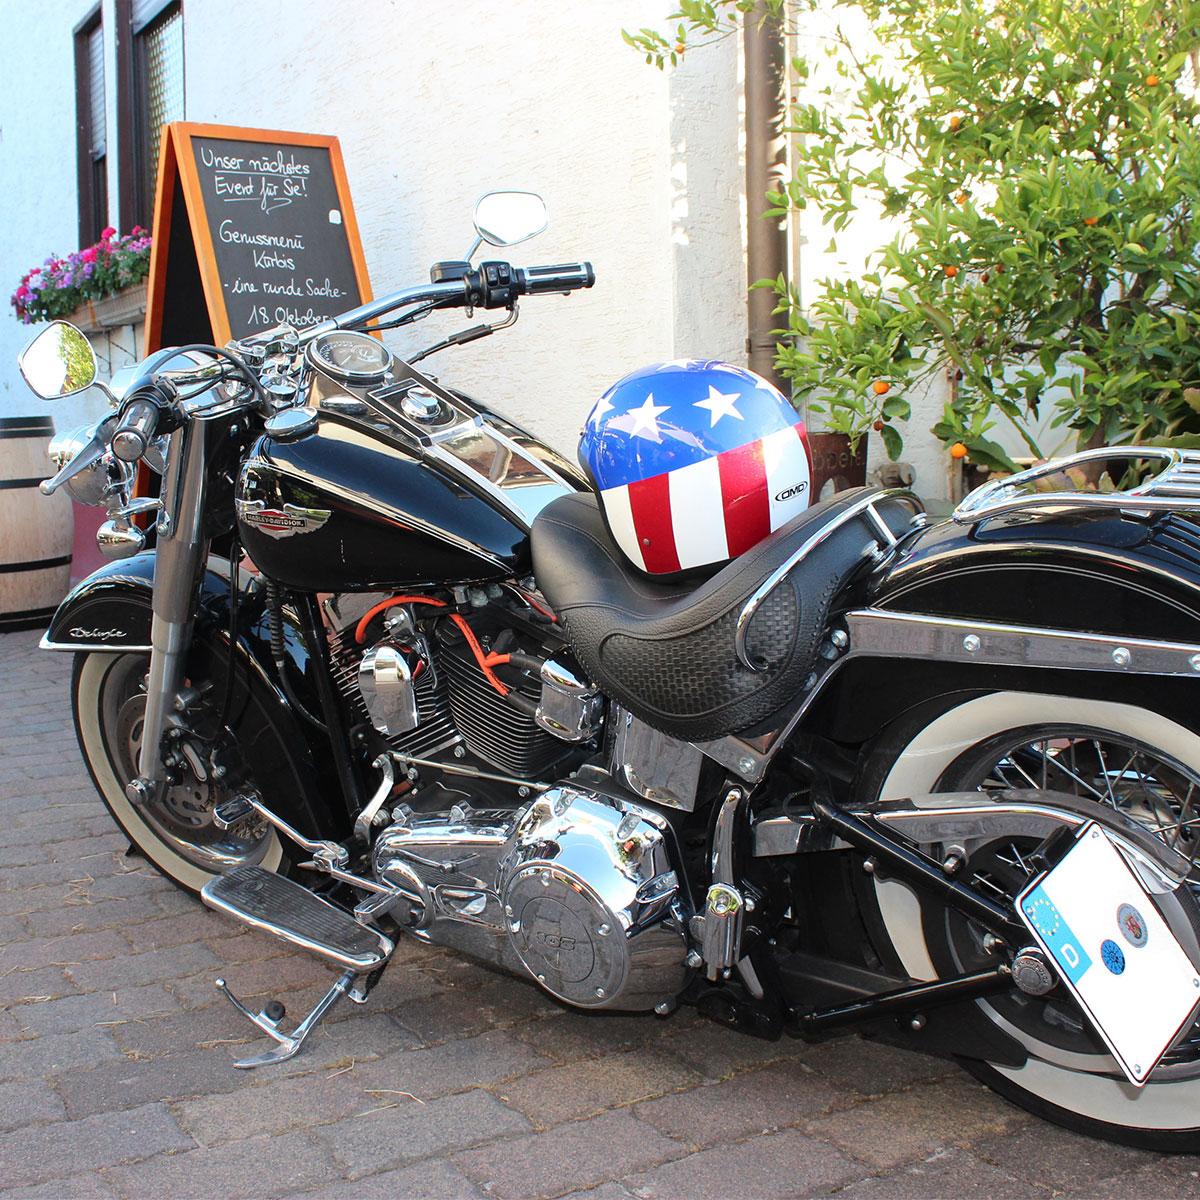 Weingut Hauer Events - BBQ Motorrad